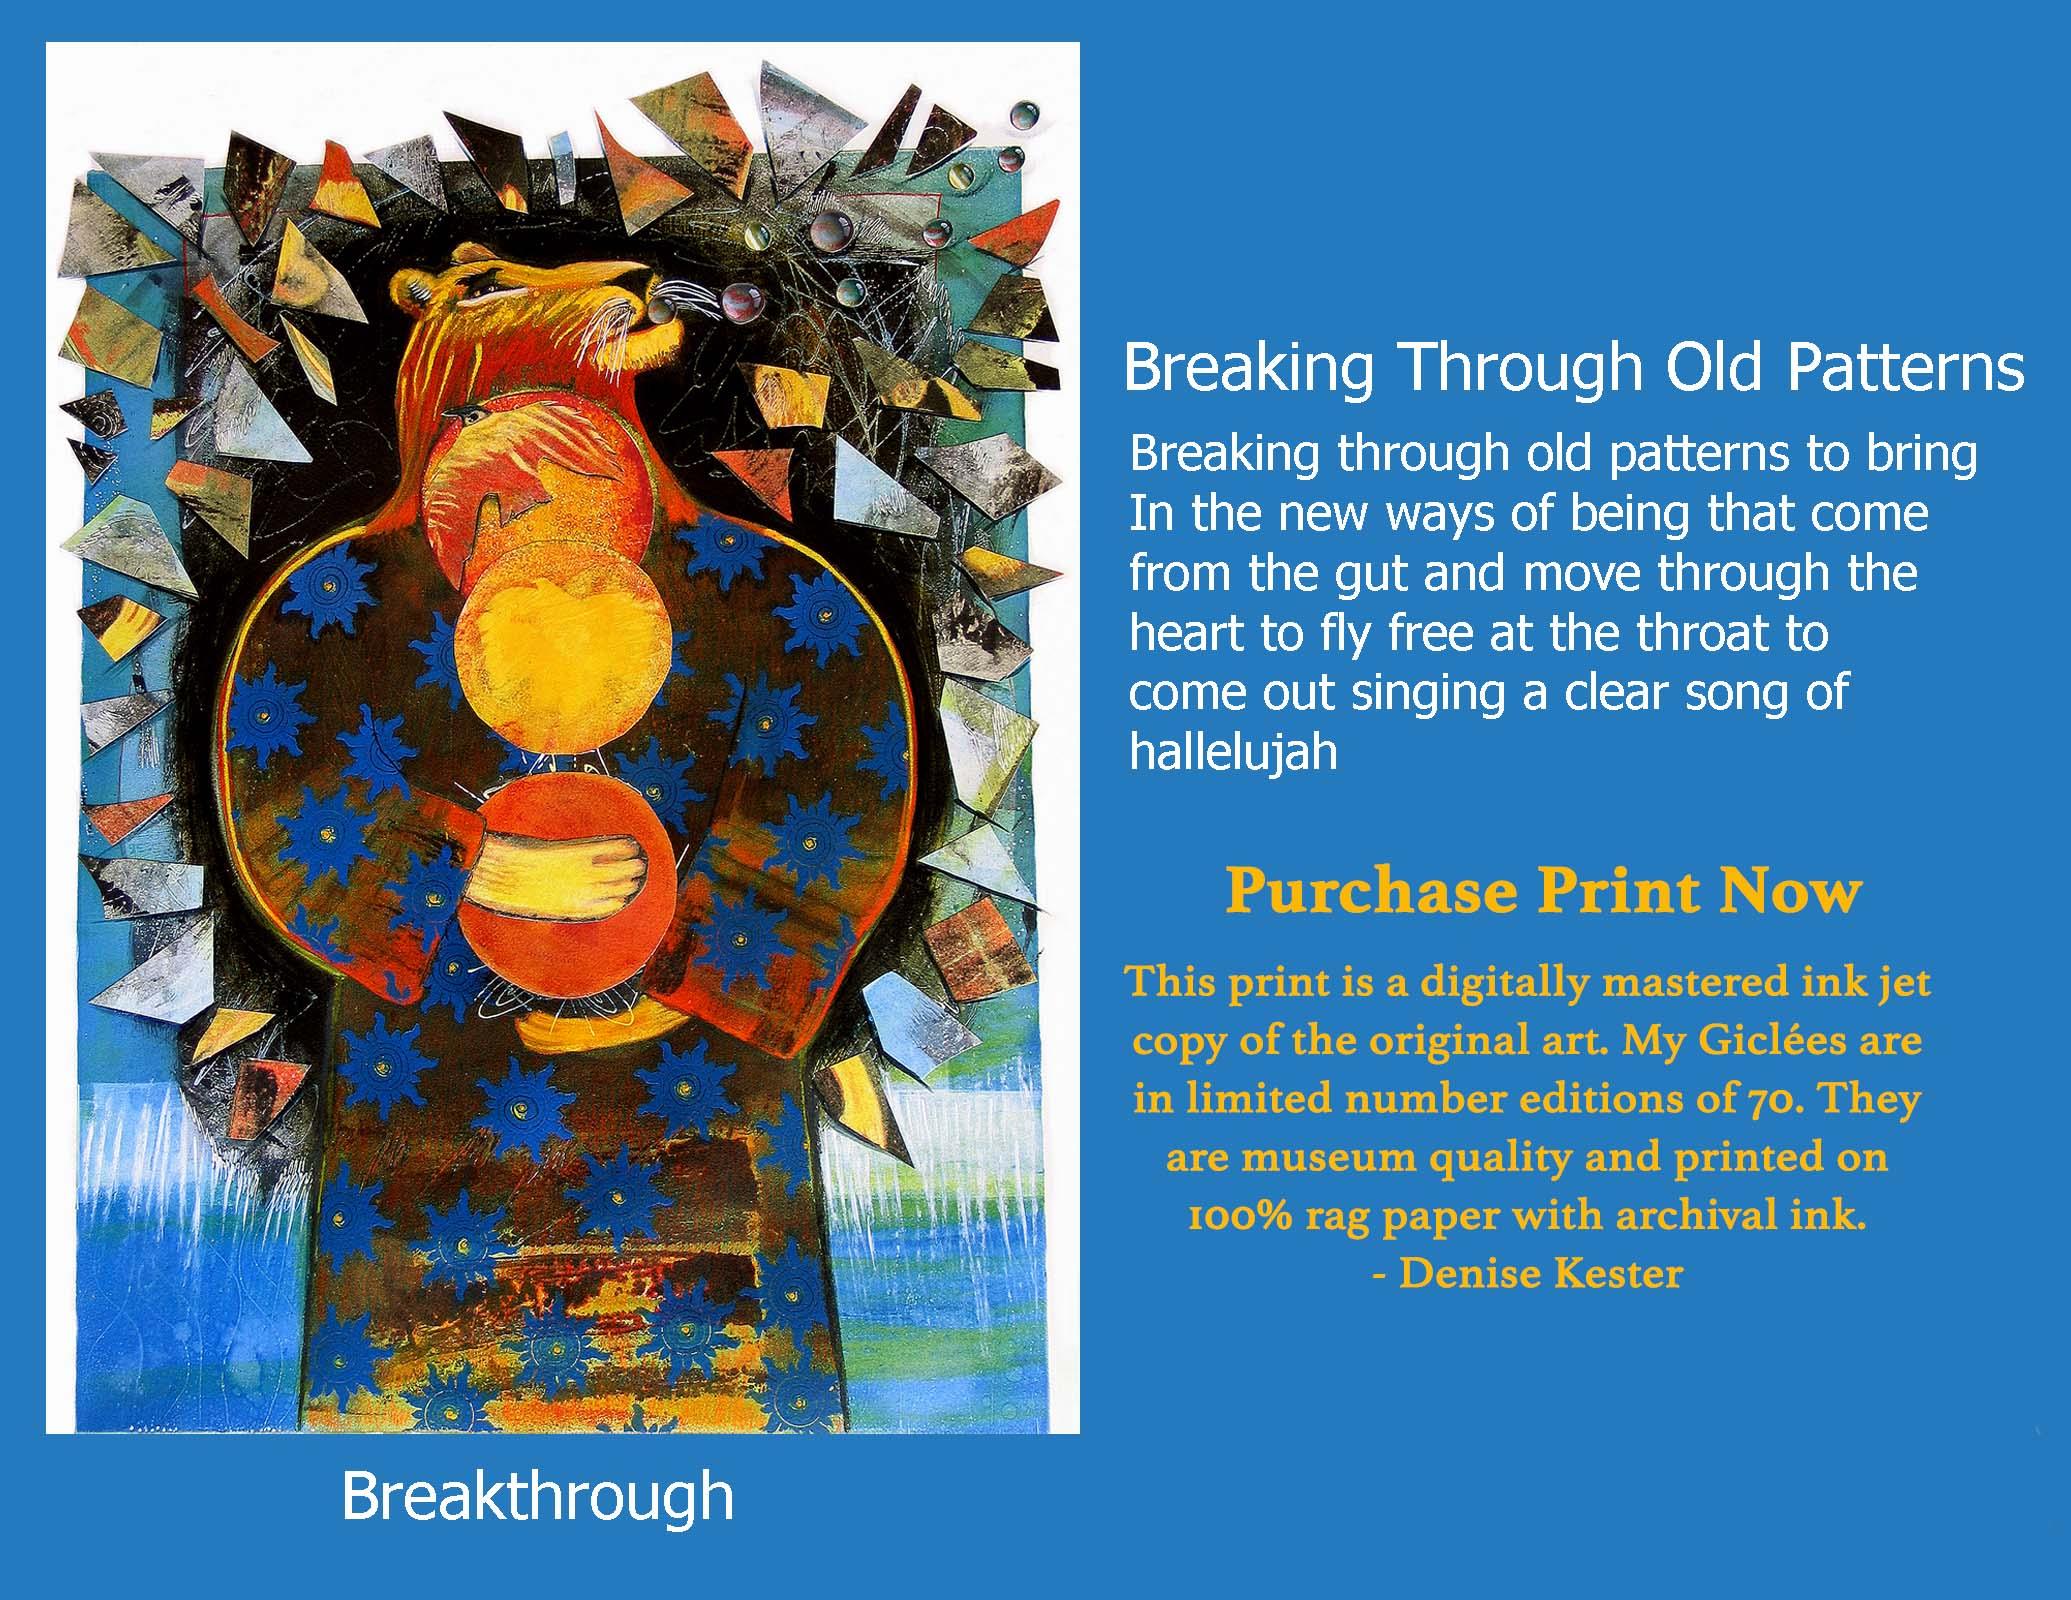 Breaking Through Old Patterns